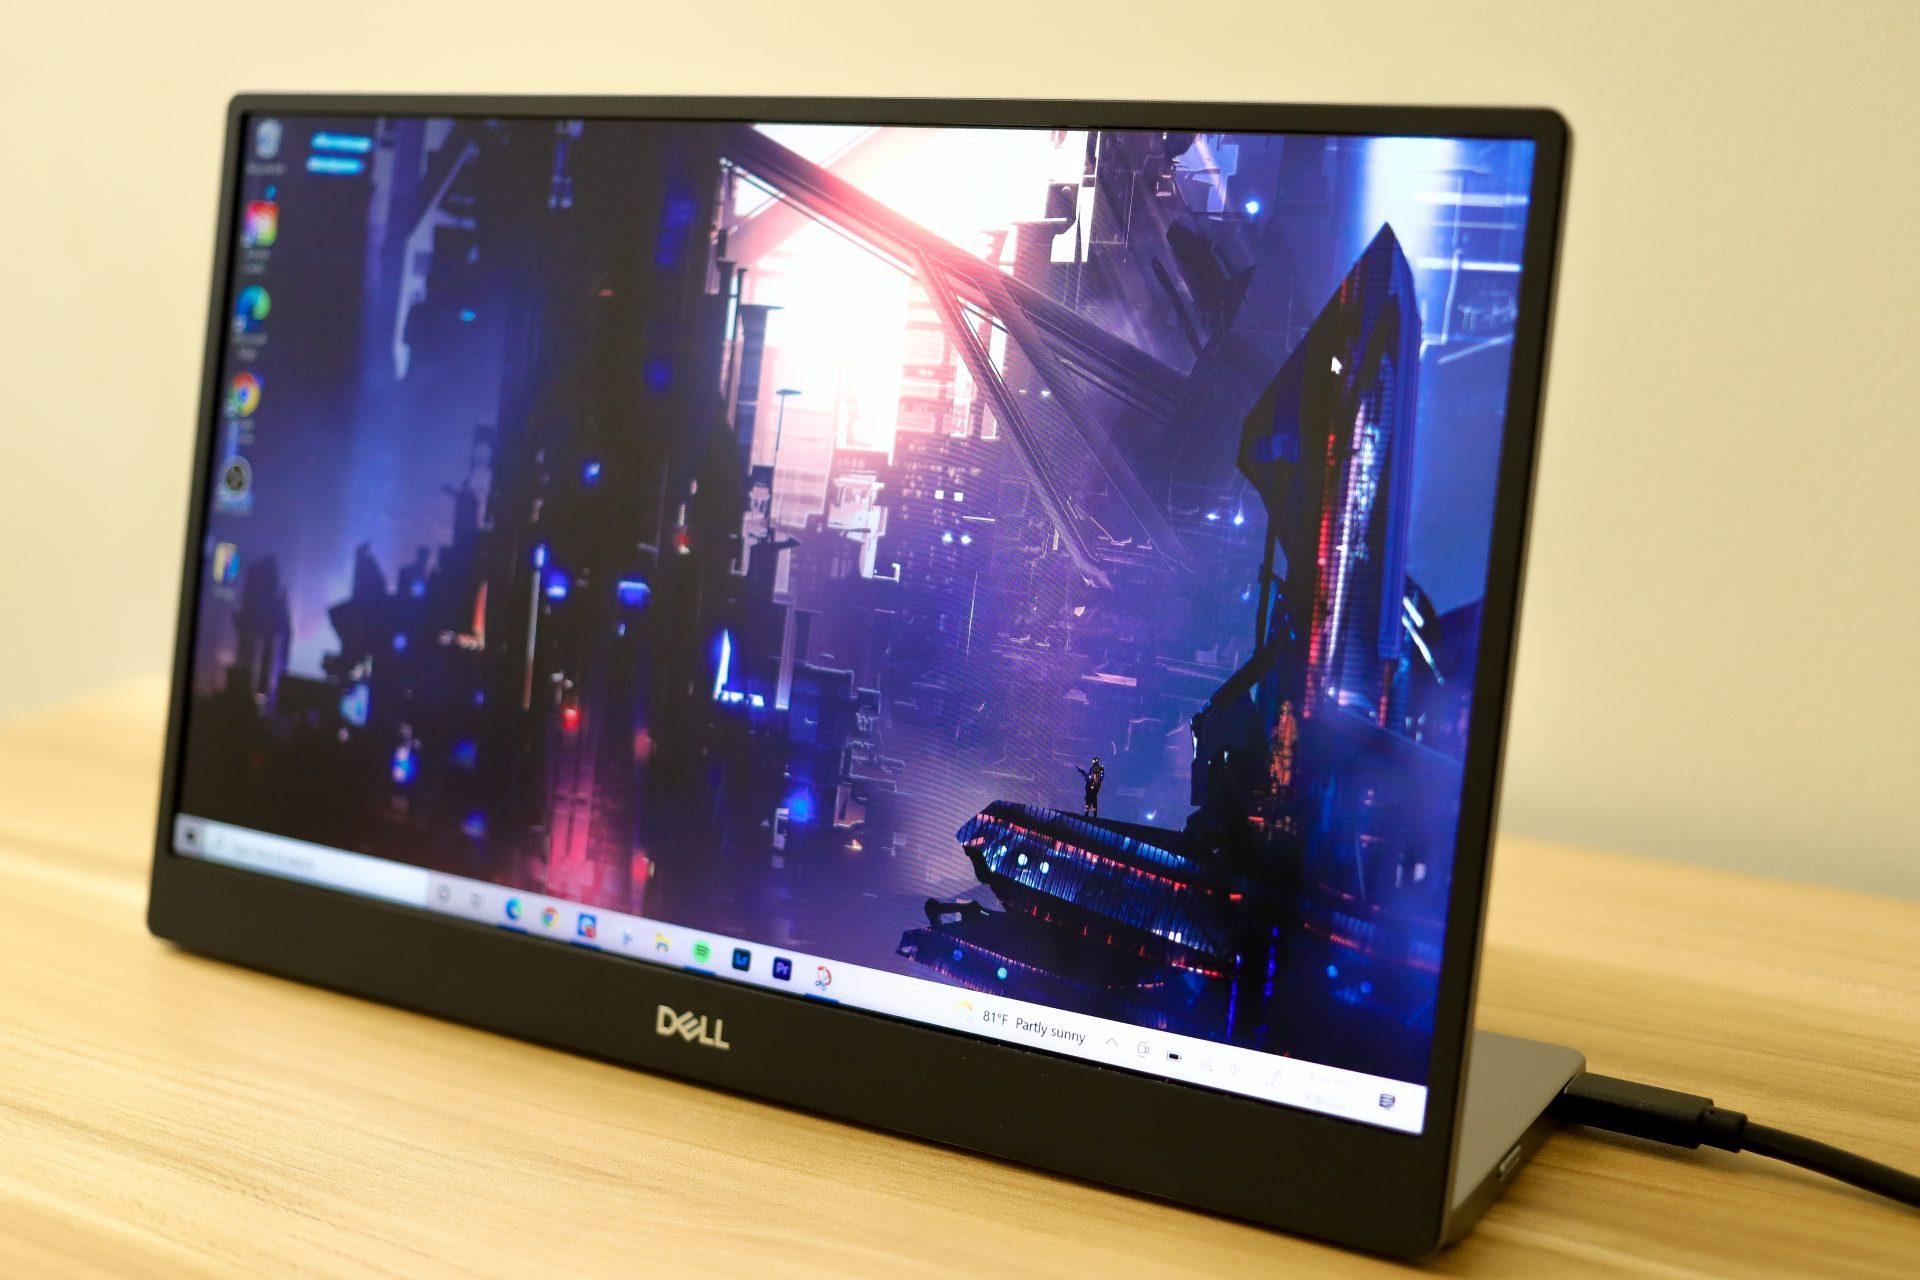 Dell 14 Portable Monitor (C1422H)